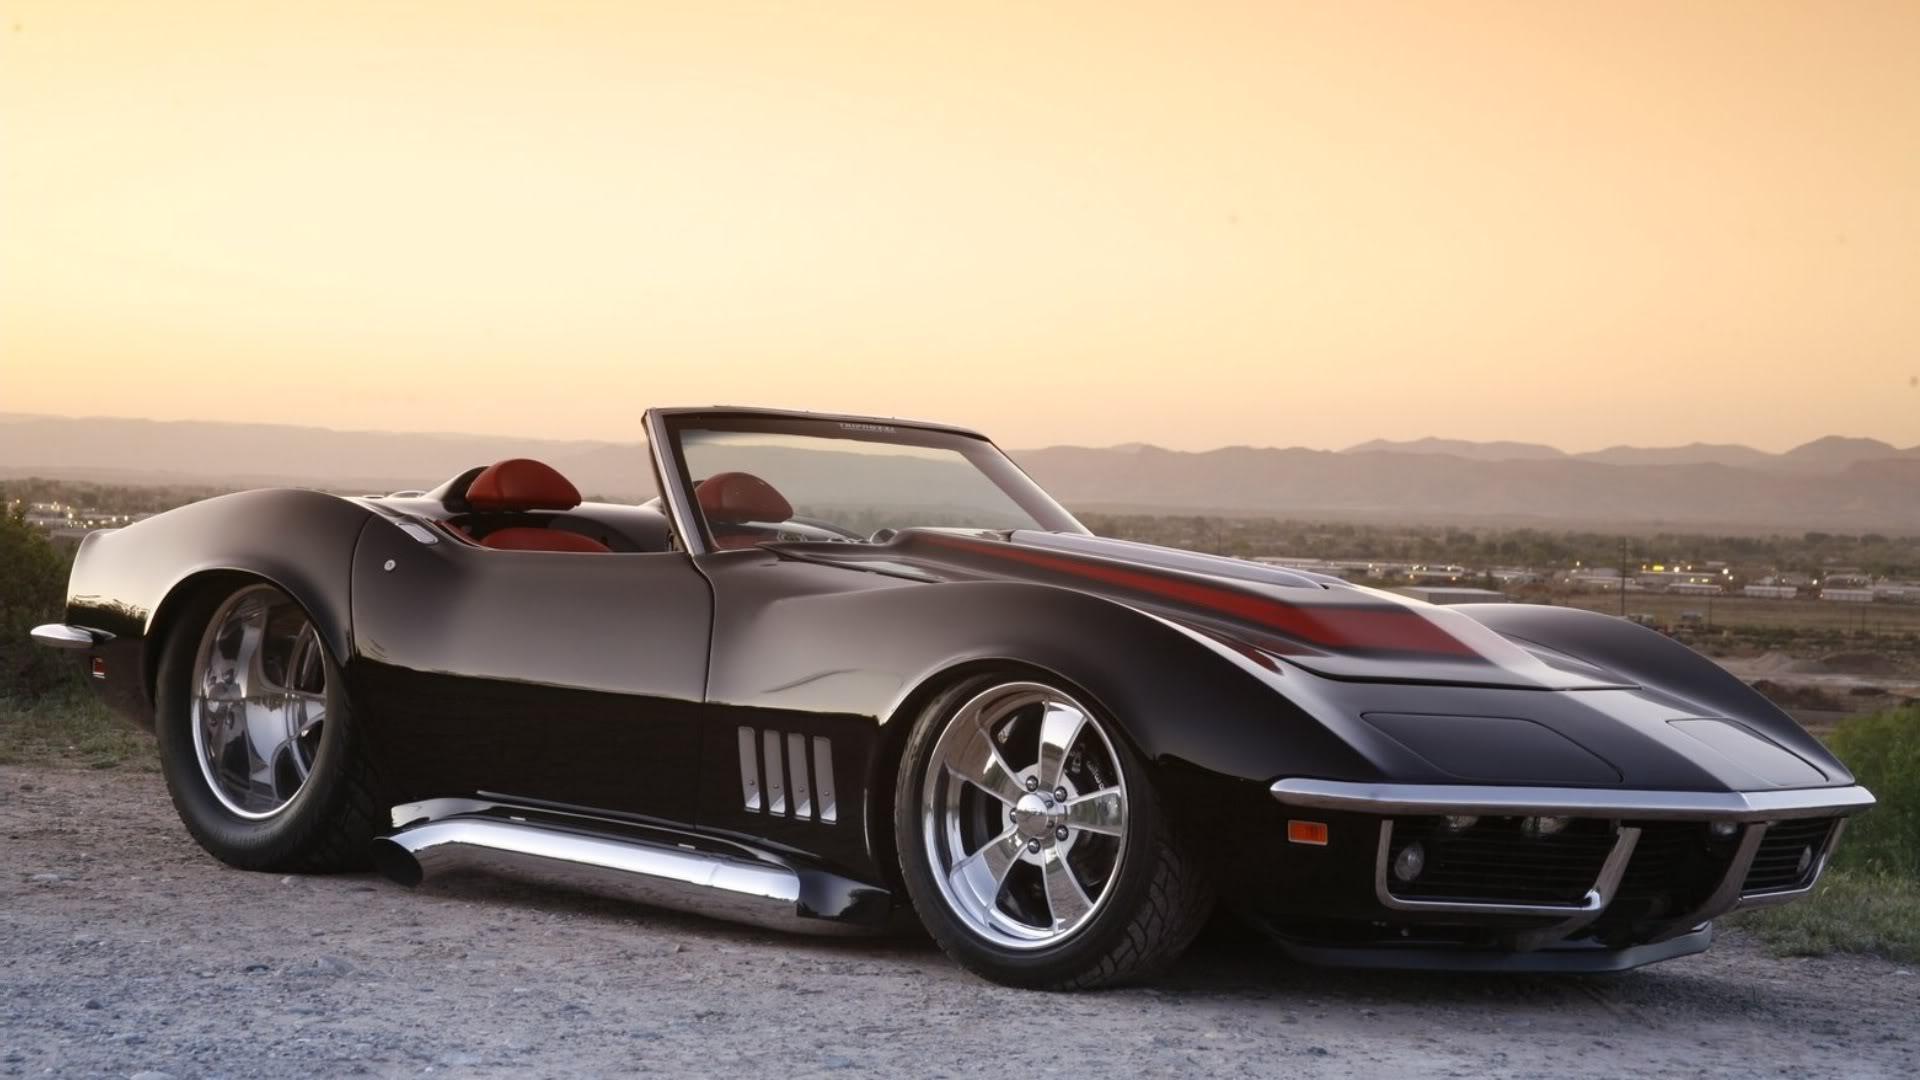 1969 Black Chevrolet Corvette Roadster Wallpaper